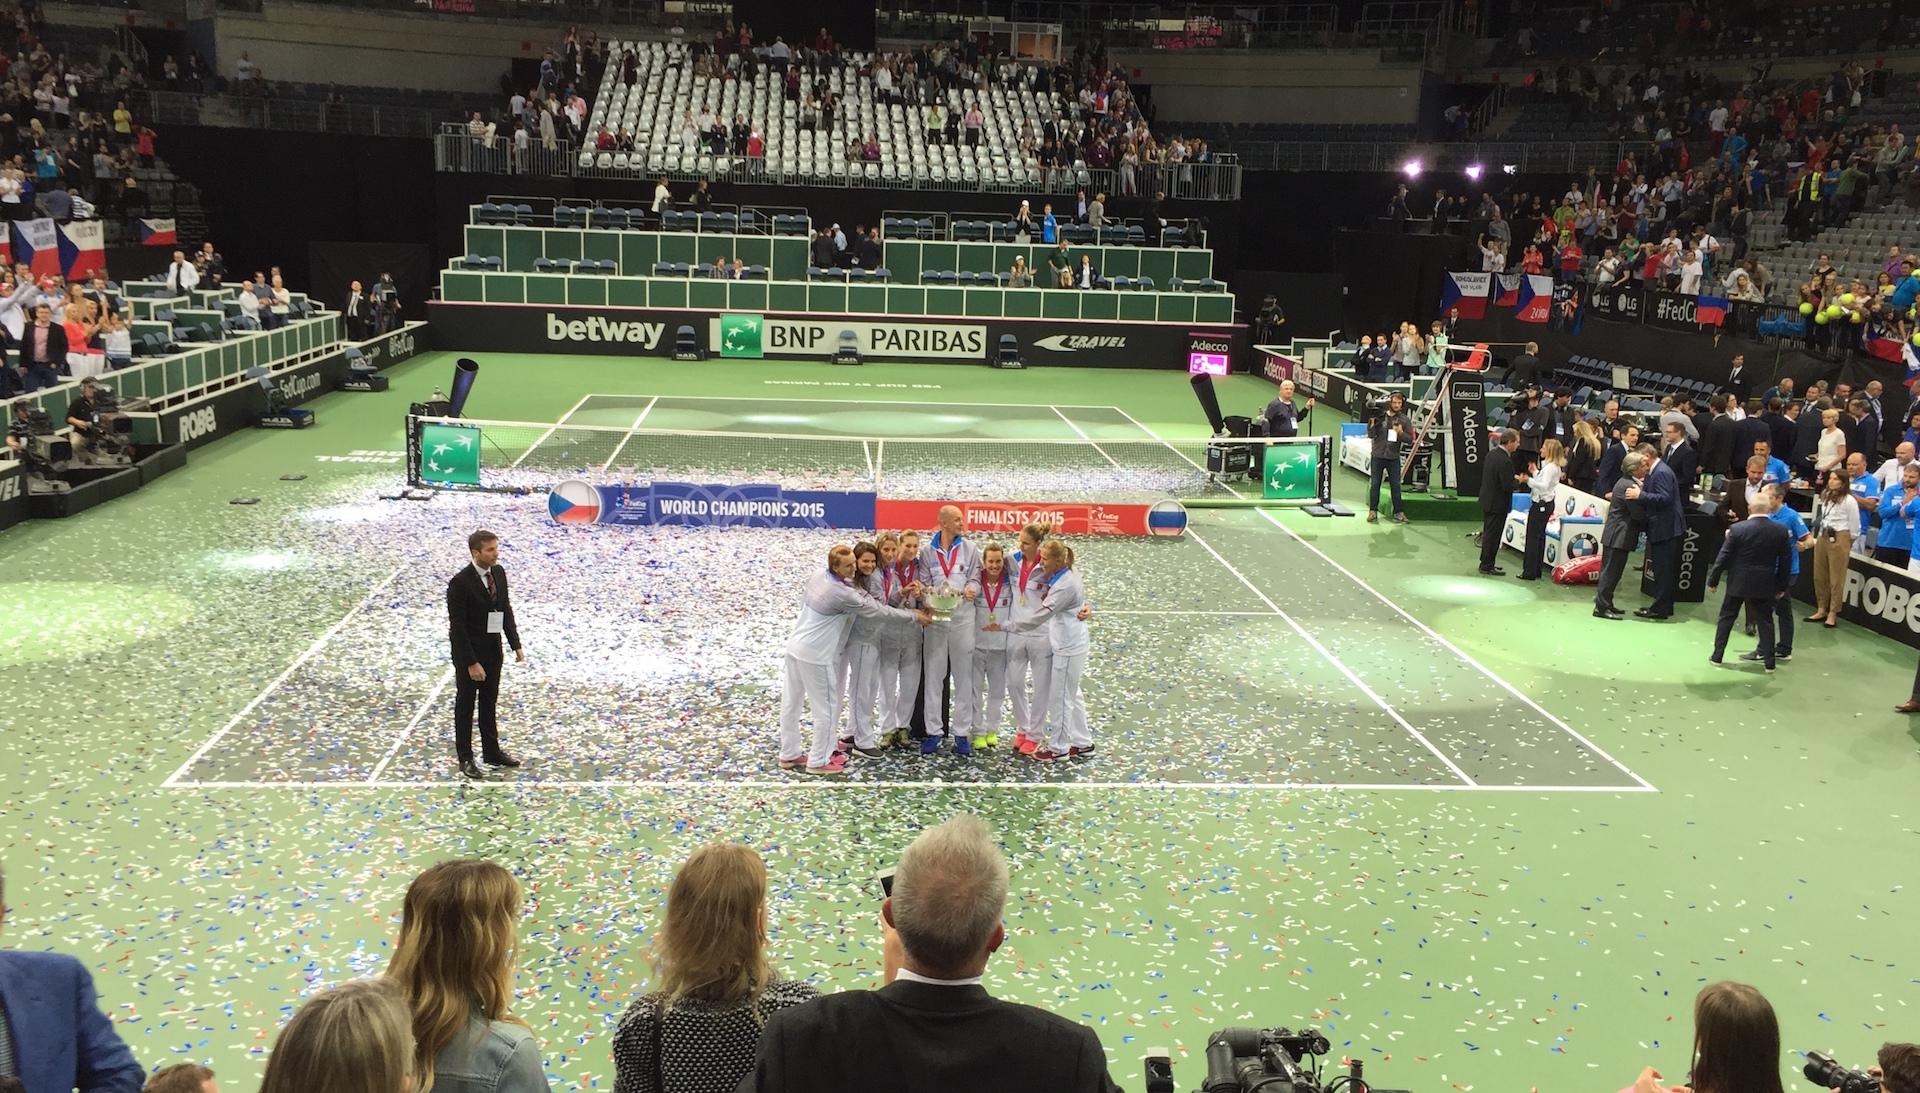 LISTOPAD 2015 – Finále FED CUP